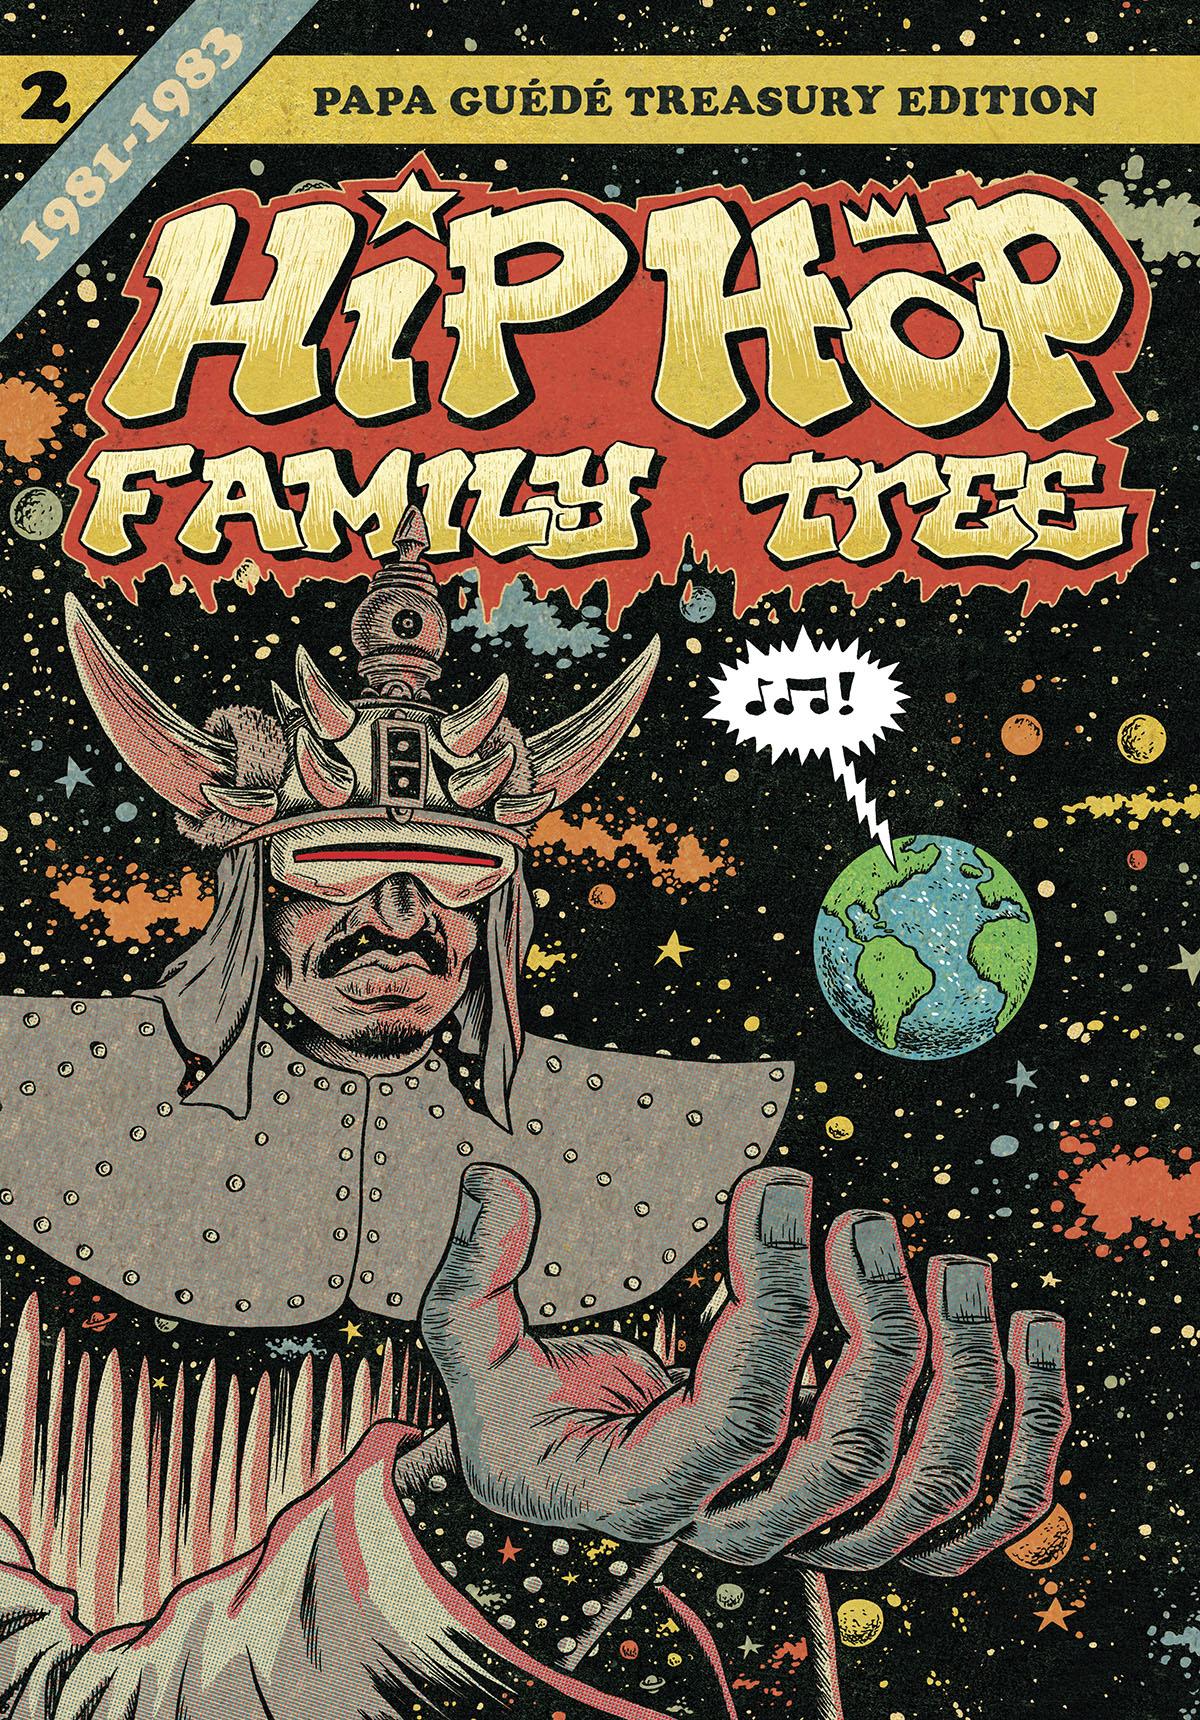 Couverture de Hip Hop Family Tree t.2 © 2012 Ed Piskor, 2013 Fantagraphics, 2016 Papa Guédé